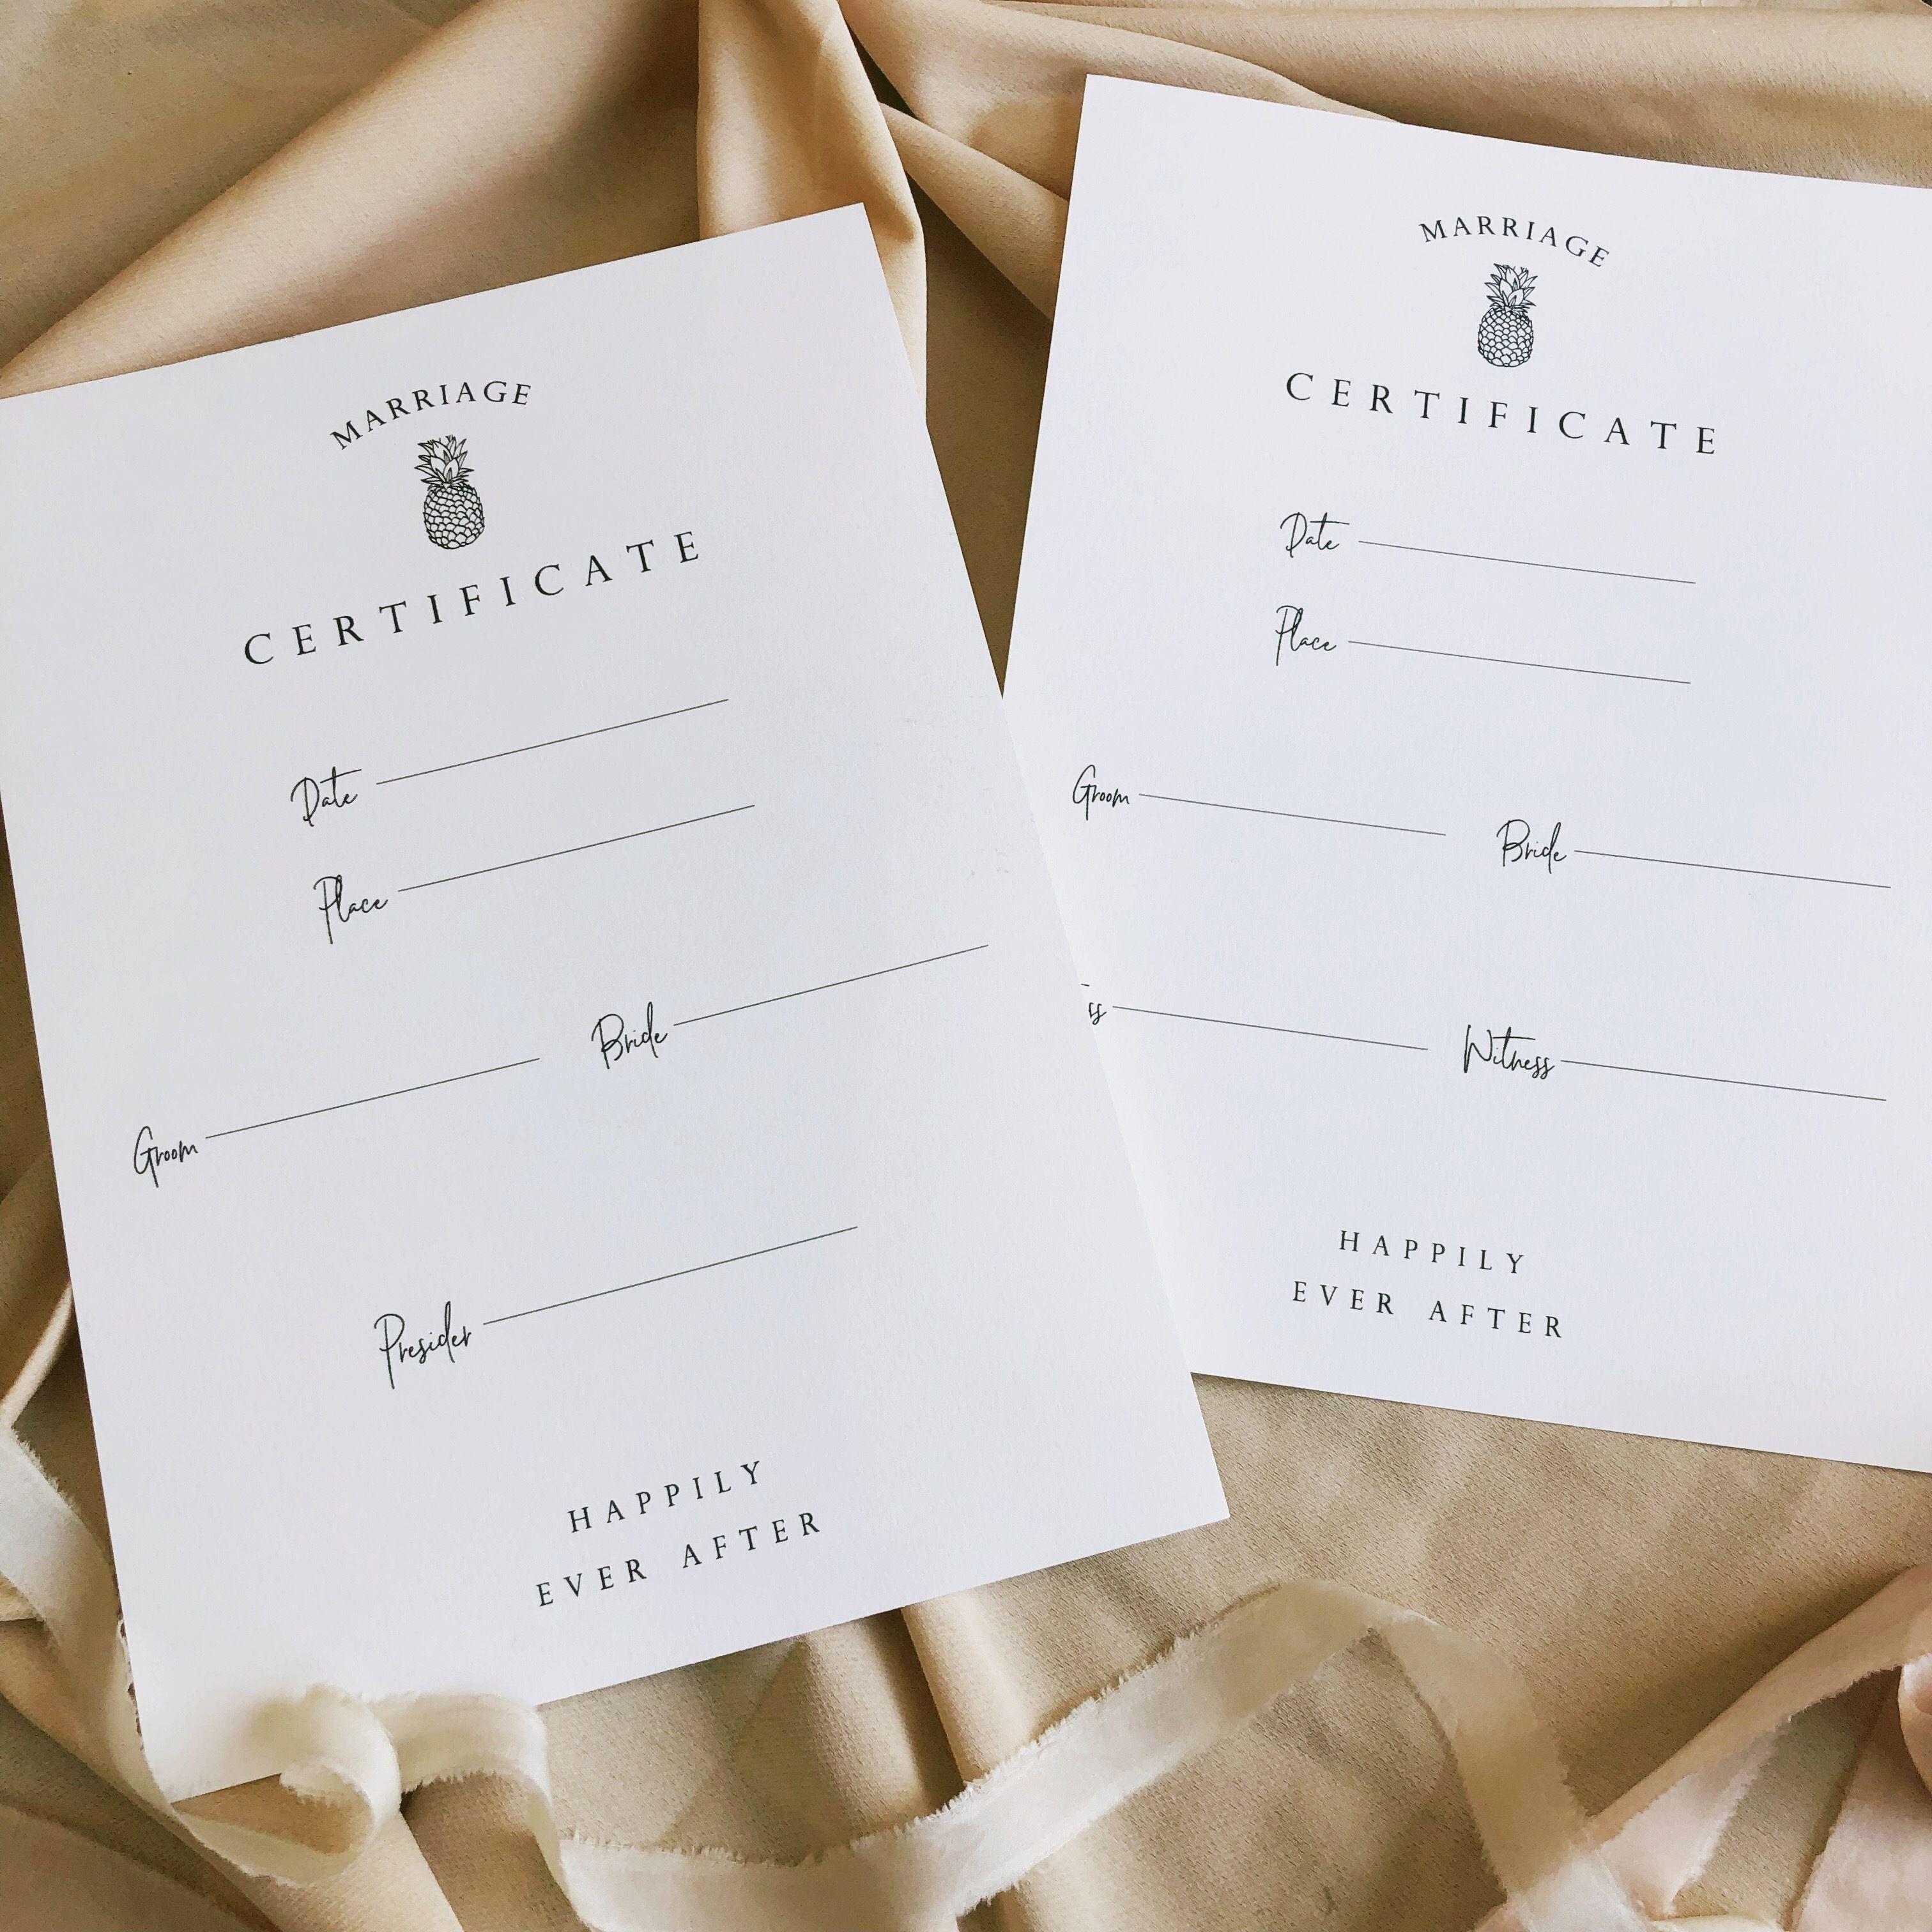 結婚証明書#5